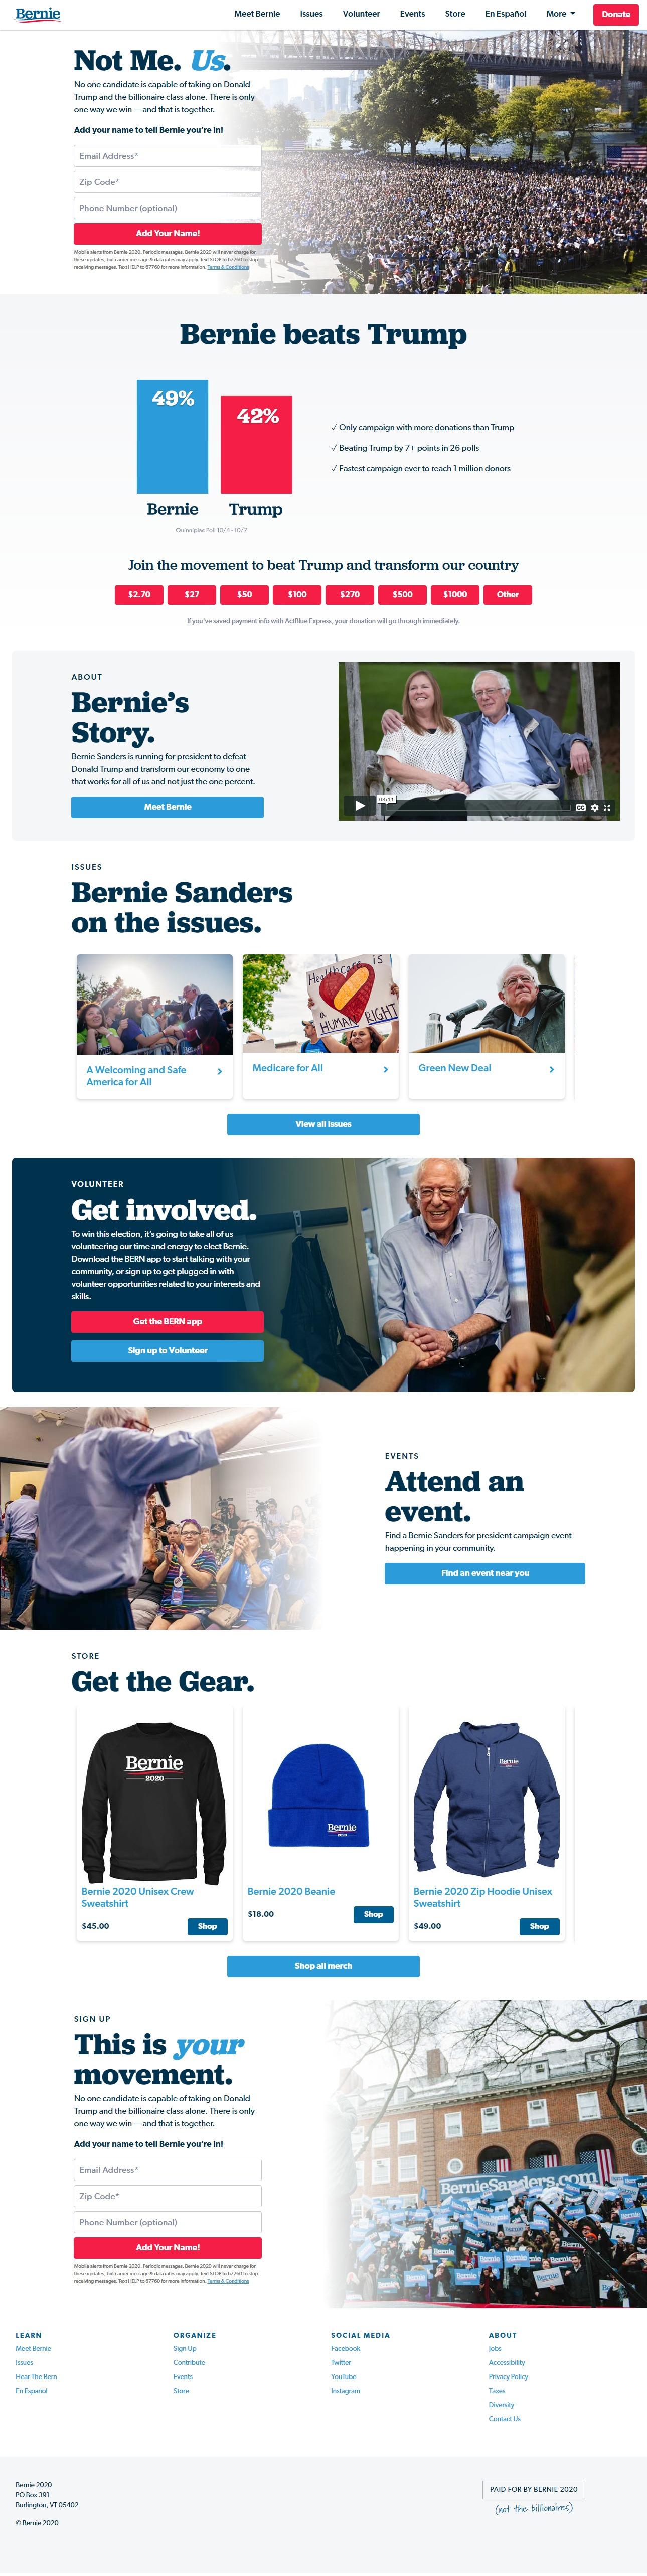 Homepage Snapshot for December 1, 2019: Senator Bernie Sanders